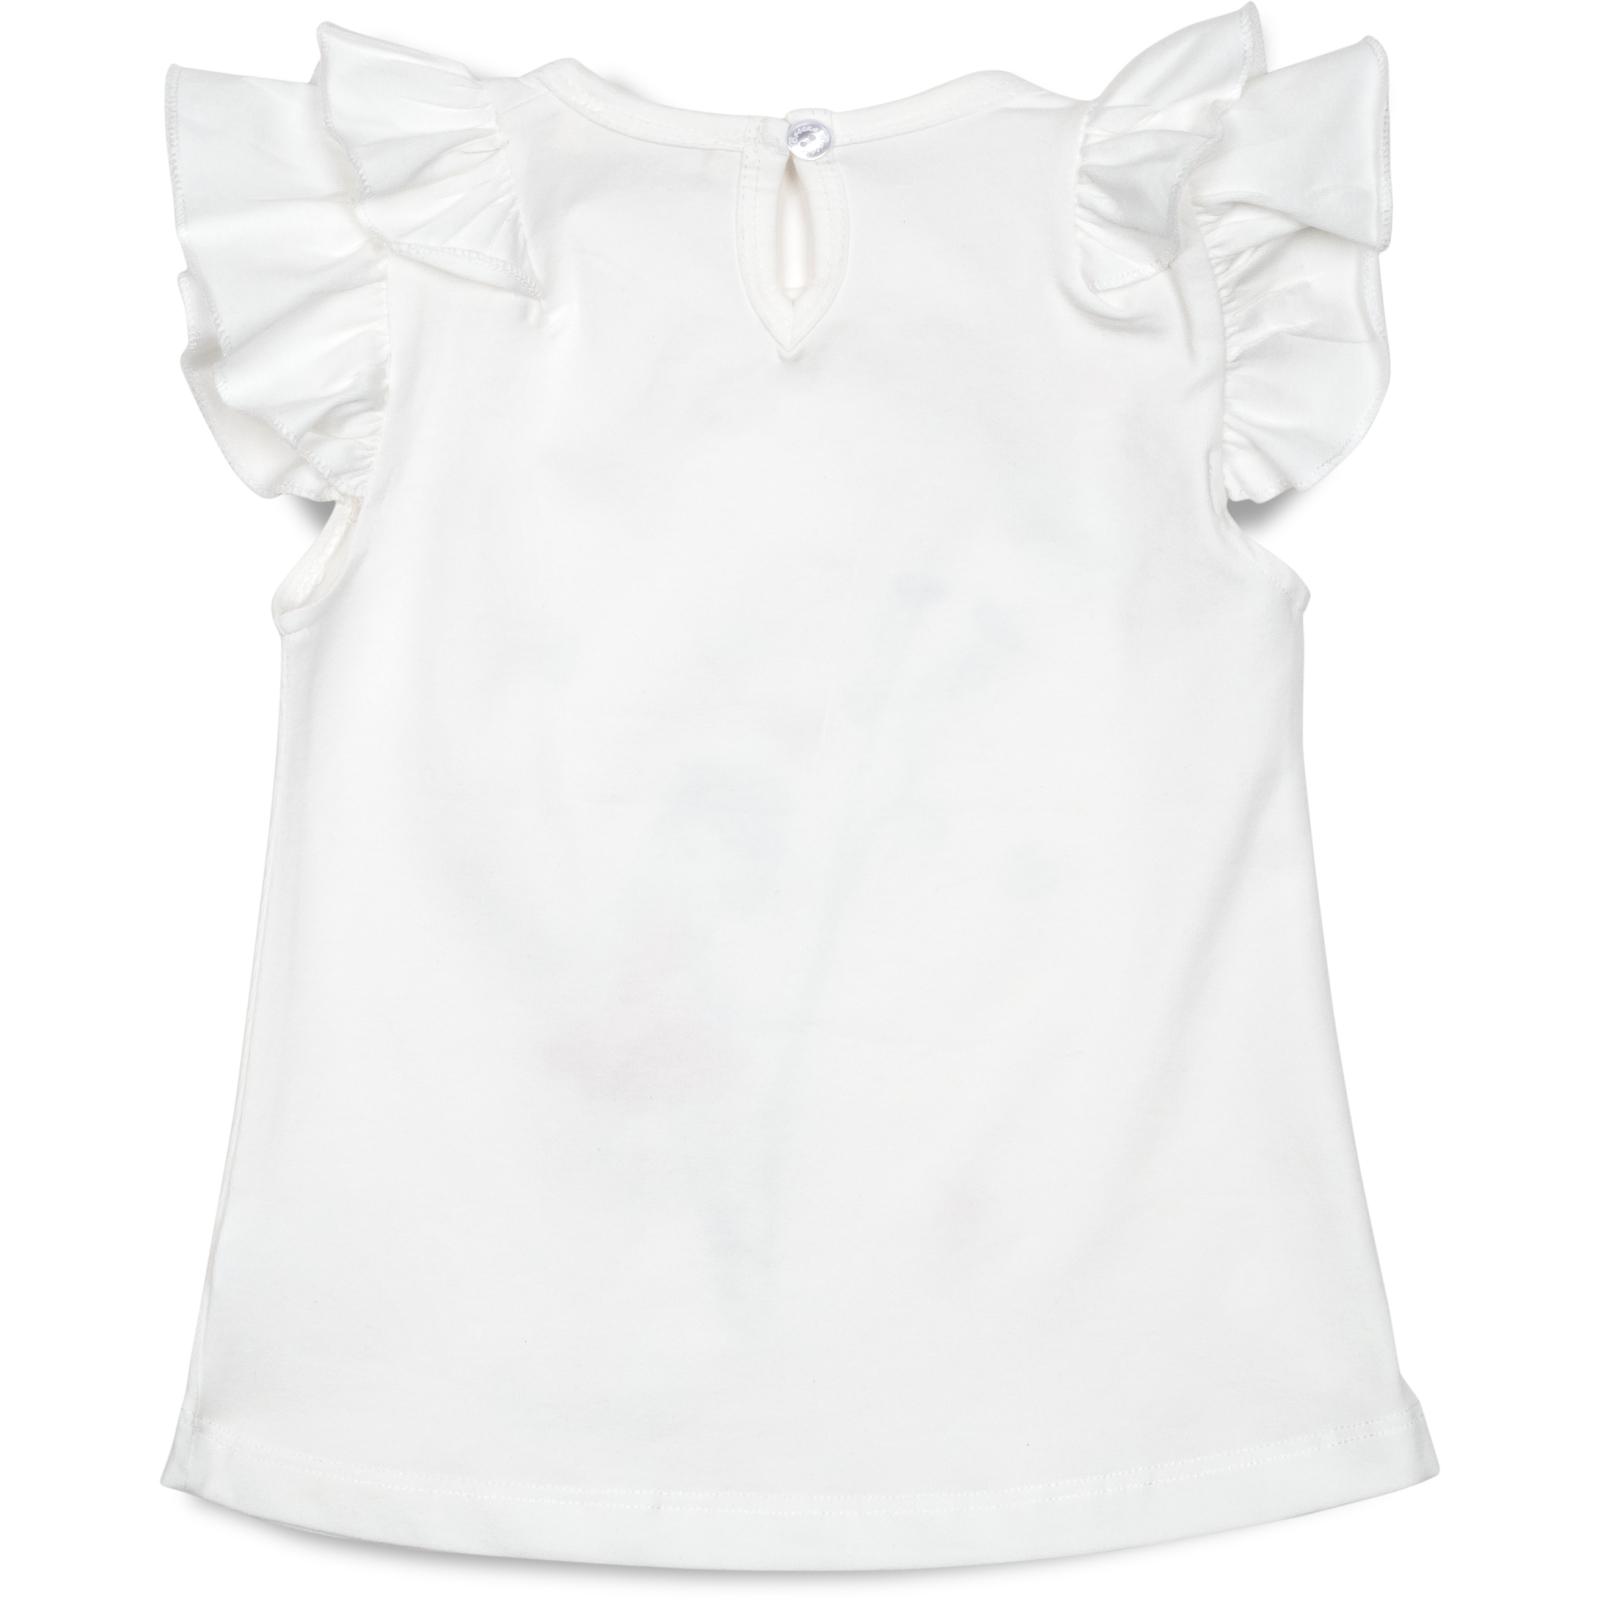 Набор детской одежды Breeze с балеринкой (13730-92G-cream) изображение 5